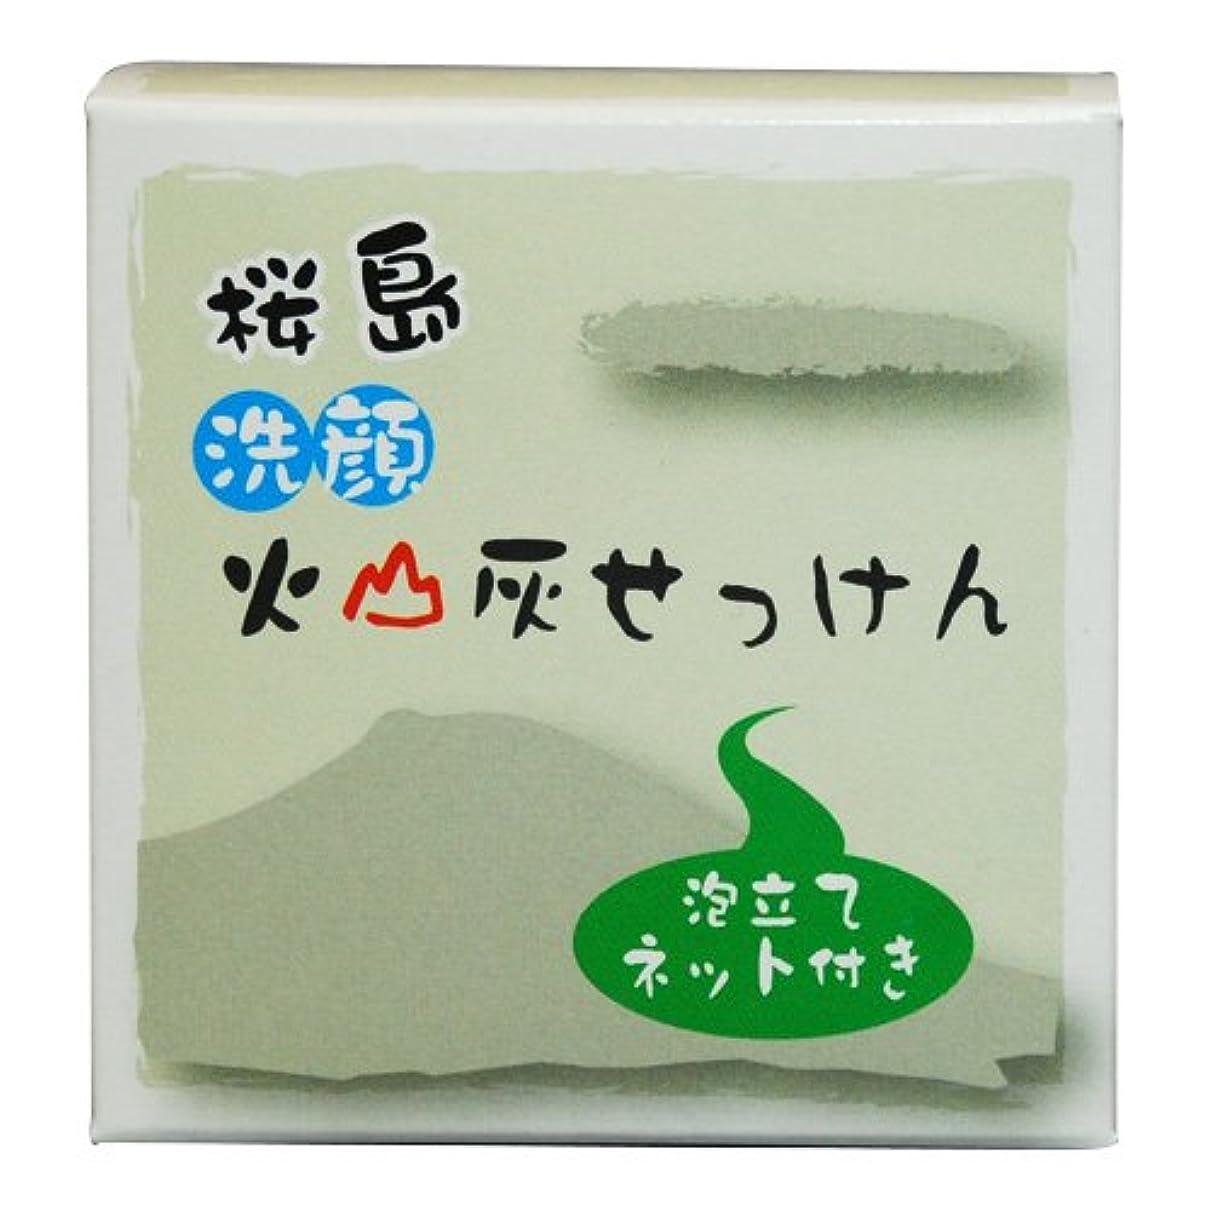 ホテル好ましいソフィー桜島洗顔火山灰せっけん(泡立てネット付き)